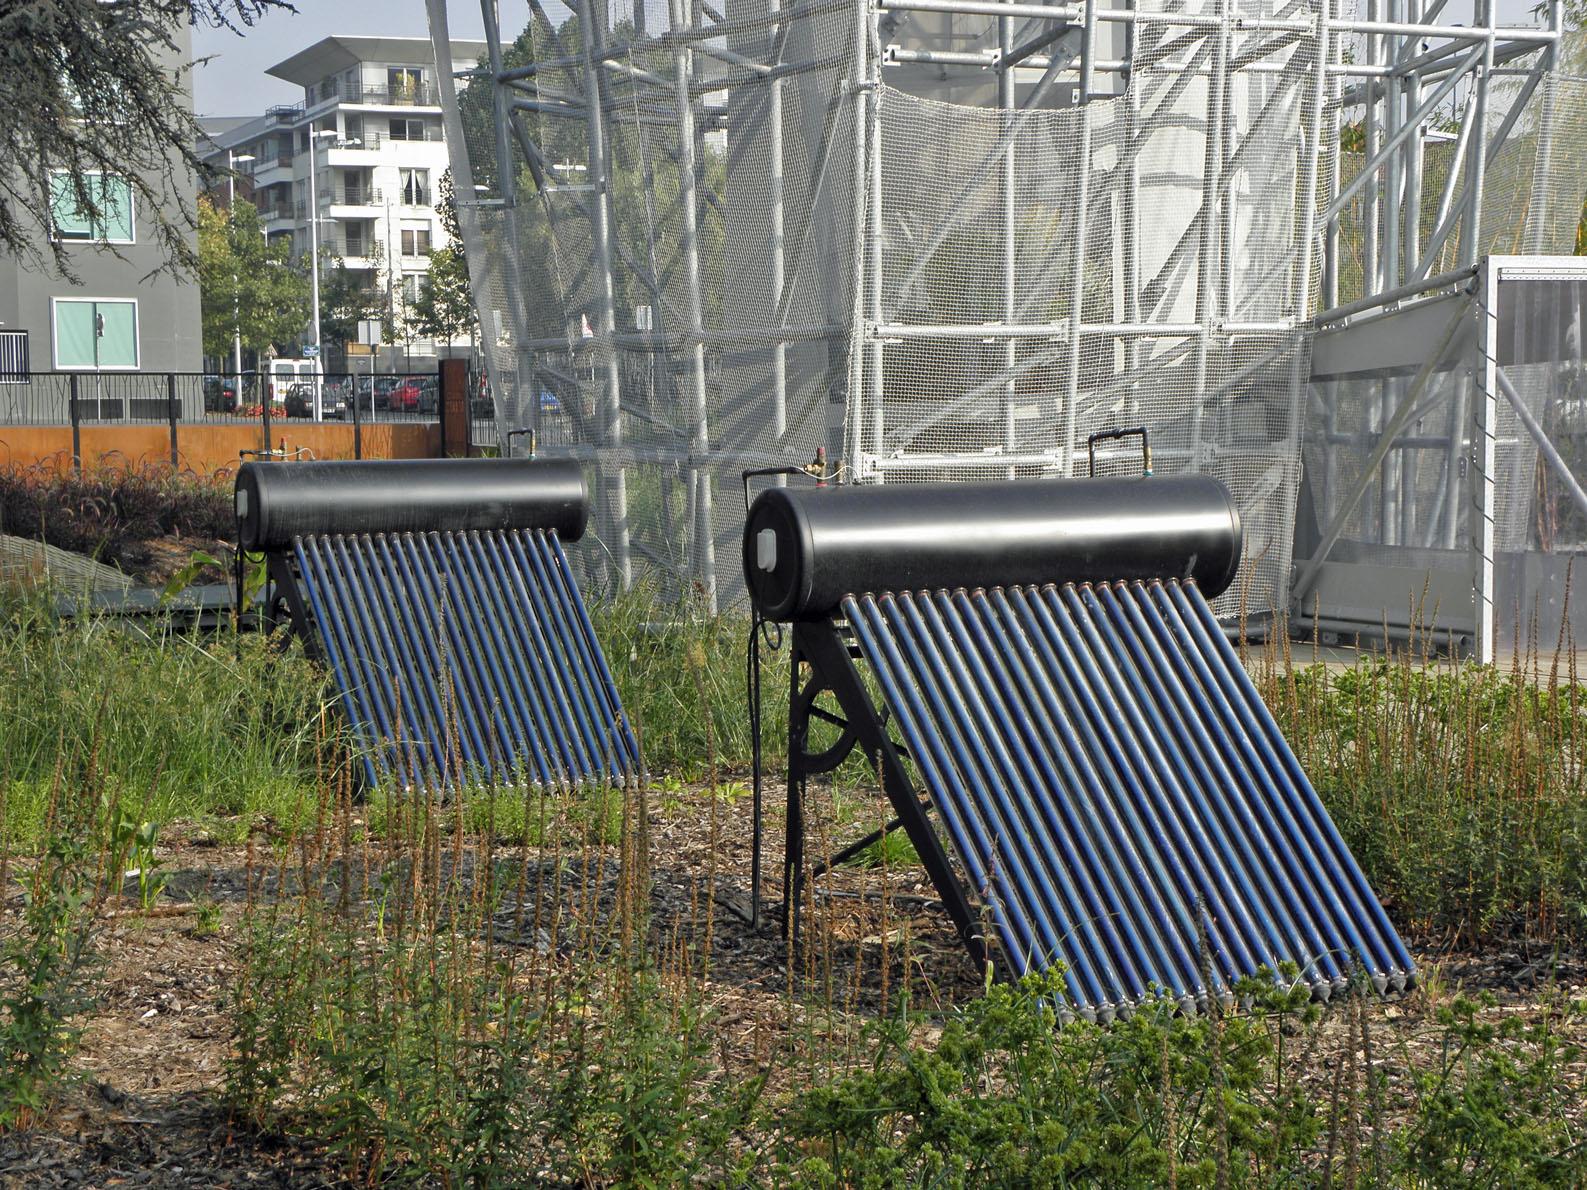 chauffe eau solaire du soleil pour chauffer l eau des foyers fran ais. Black Bedroom Furniture Sets. Home Design Ideas